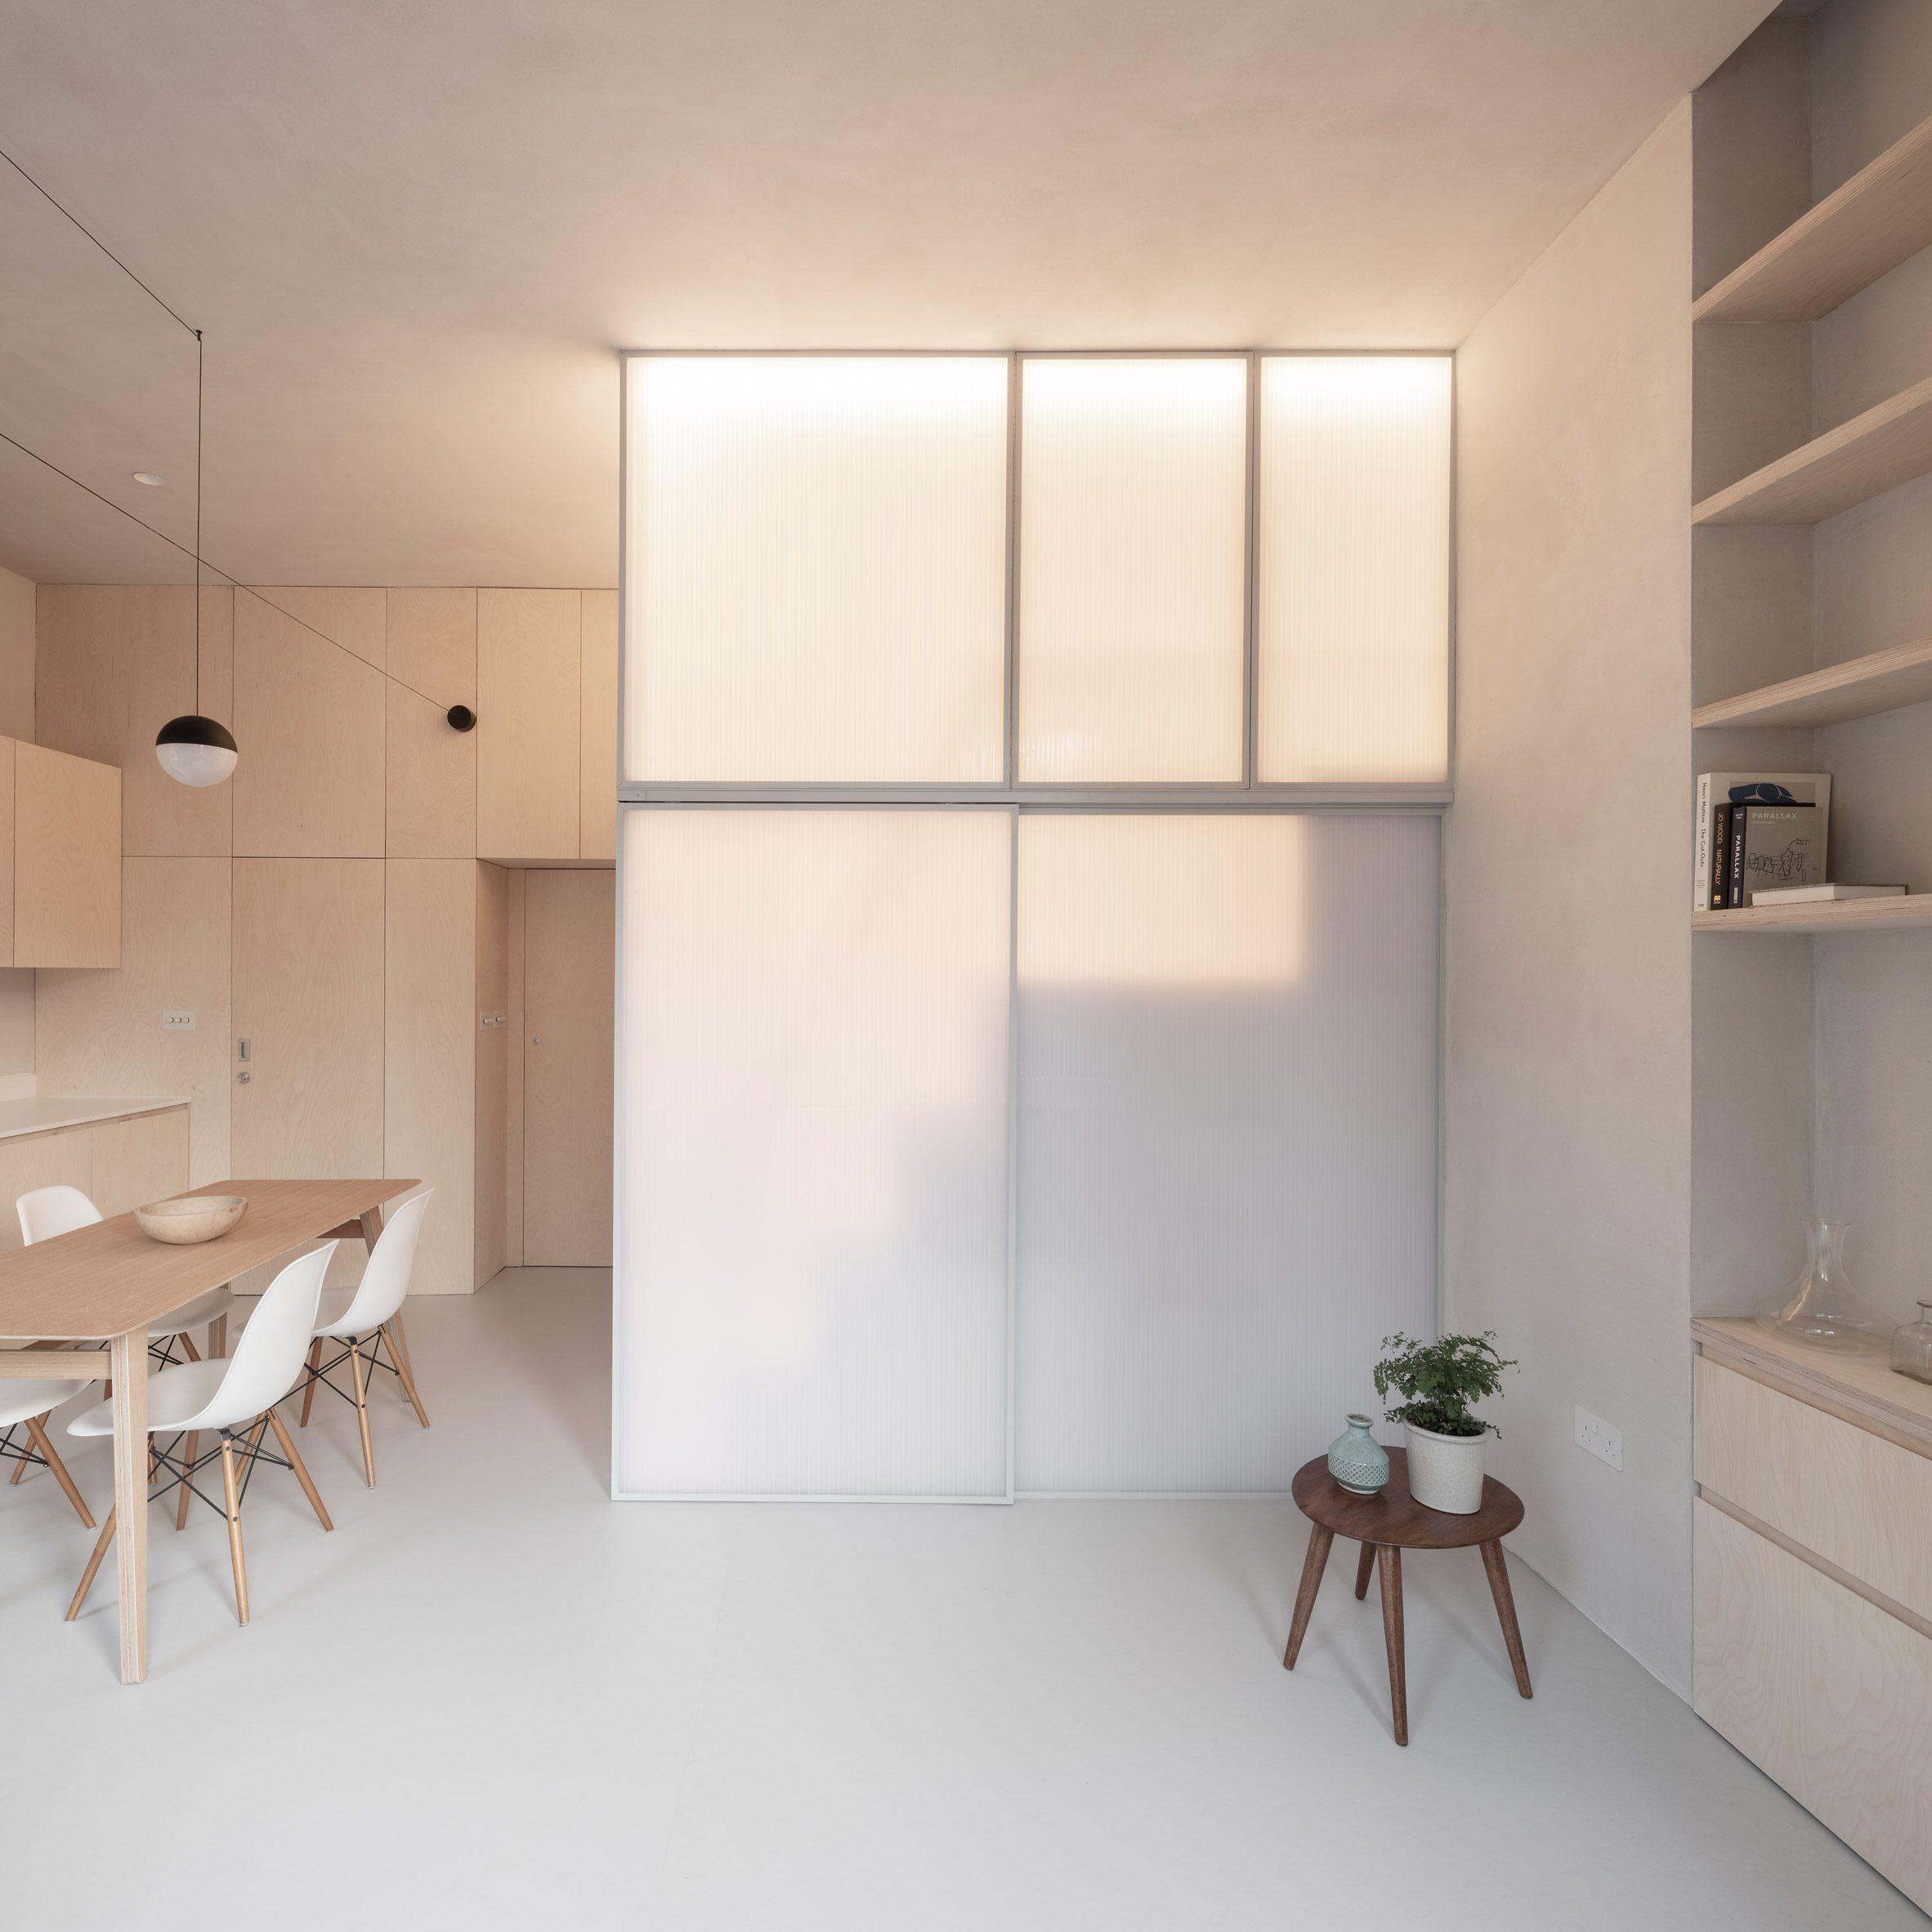 Apartemen mikro dengan ruang tidur tertutup